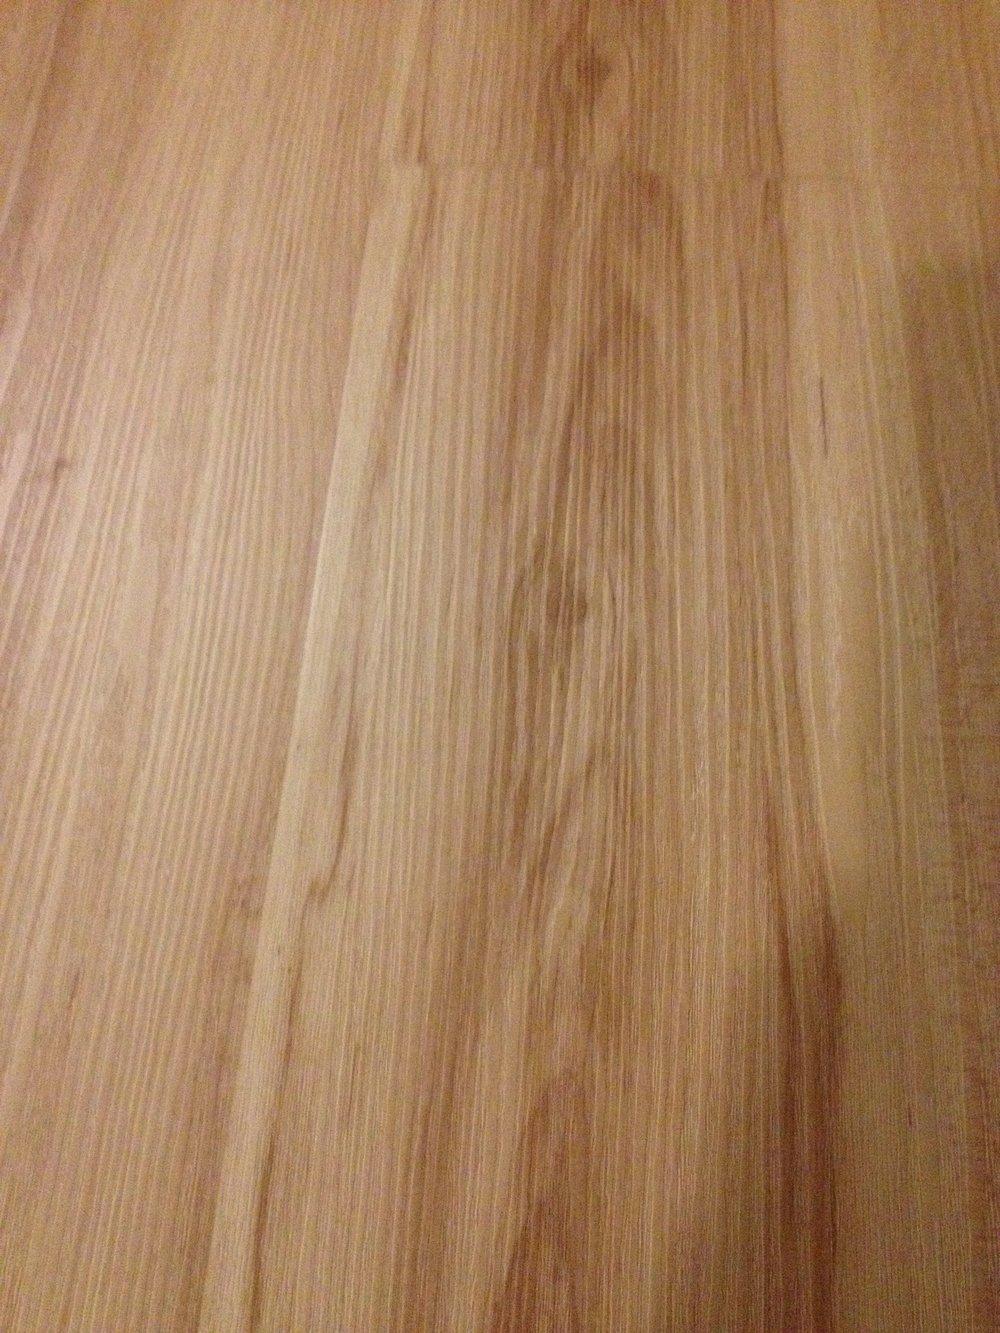 Ceremeta Core Max Hybrid natural maple